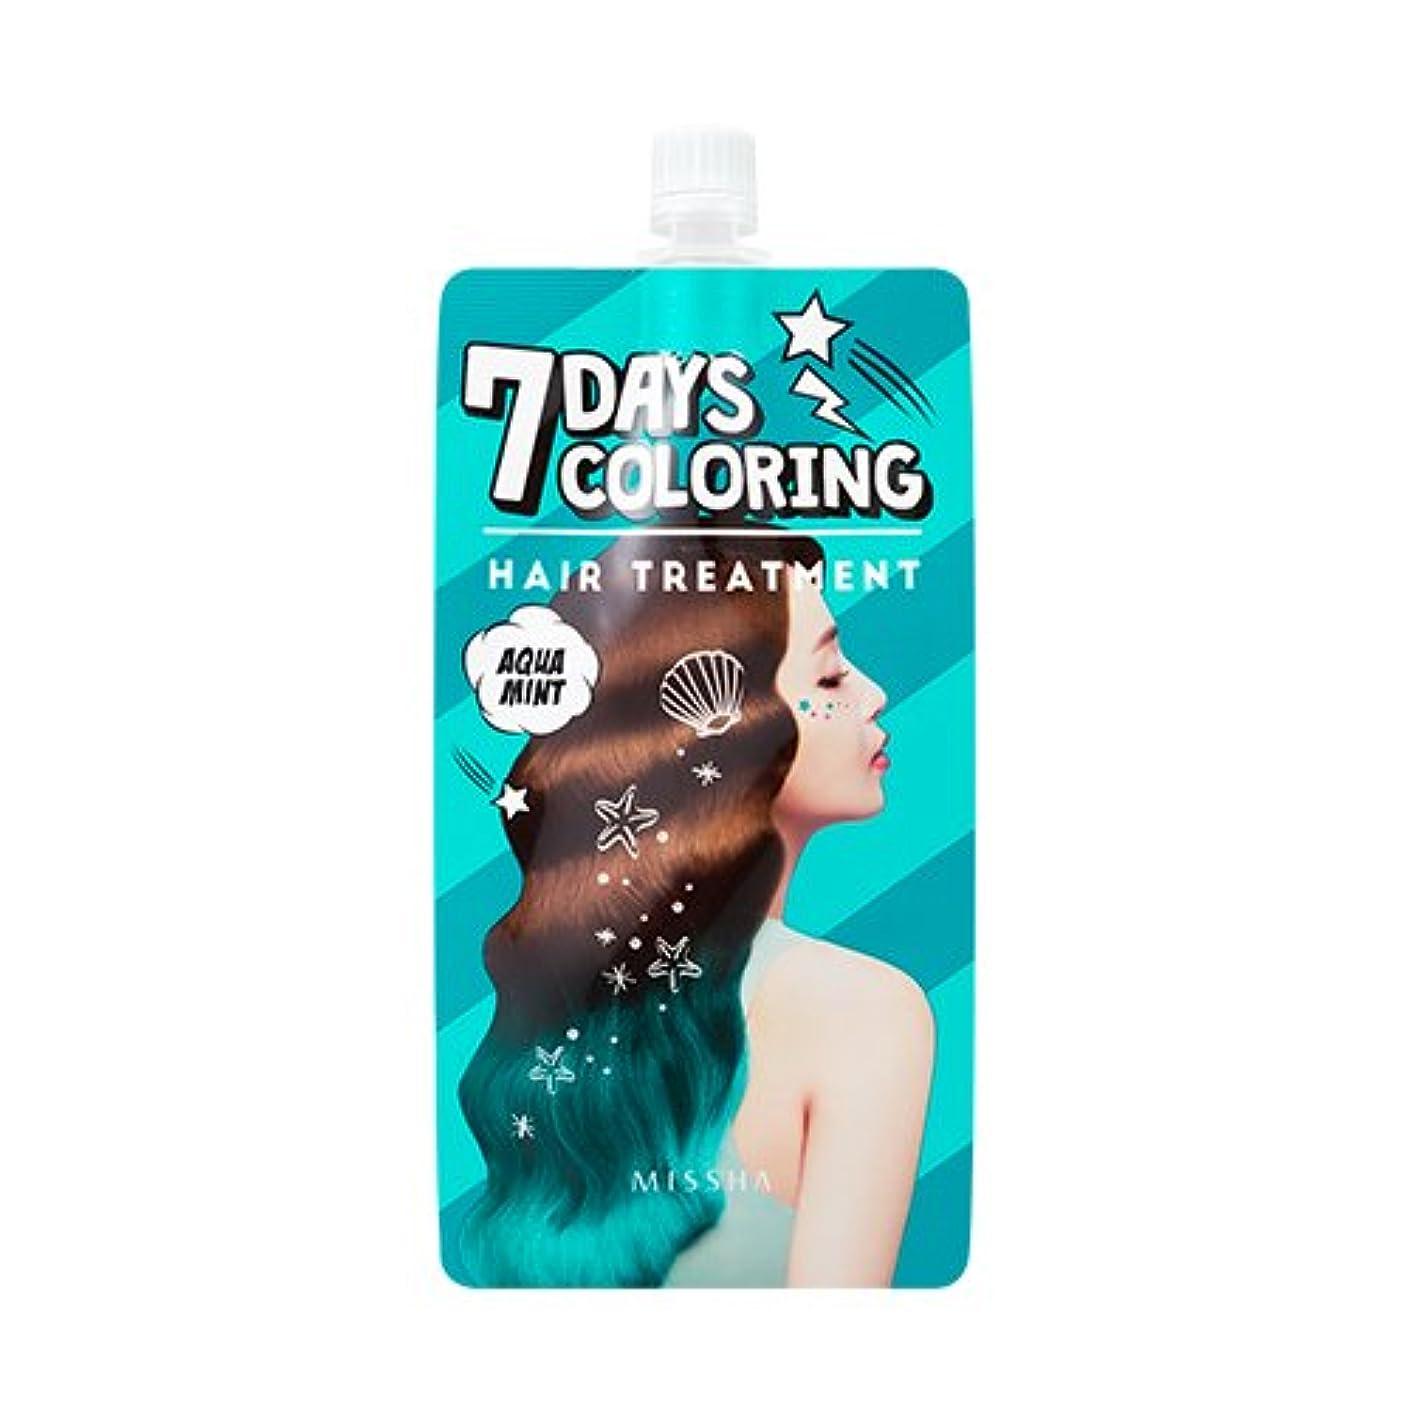 枕災害六分儀MISSHA 7 Days Coloring Hair Treatment 25ml/ミシャ 7デイズ カラーリング ヘア トリートメント 25ml (#Aqua Mint) [並行輸入品]